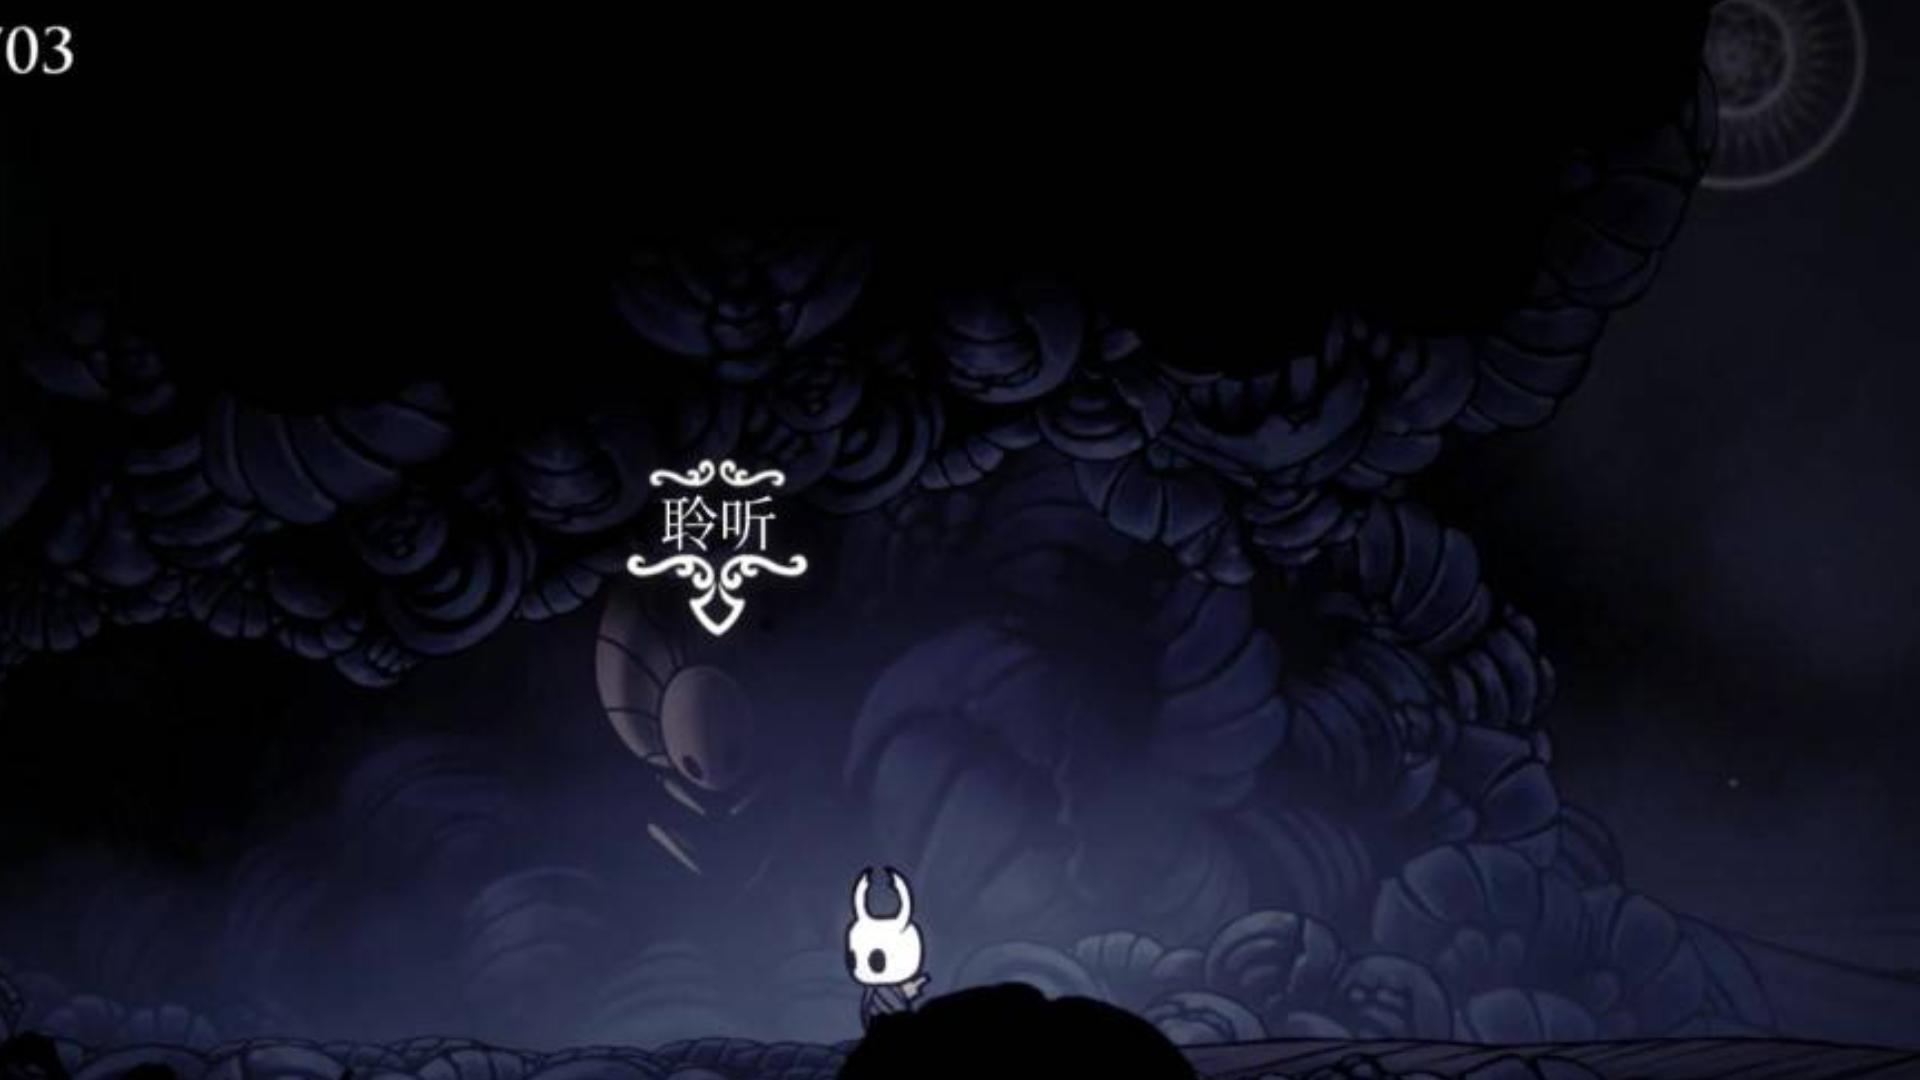 空洞骑士隐藏房间 寻神者的记忆